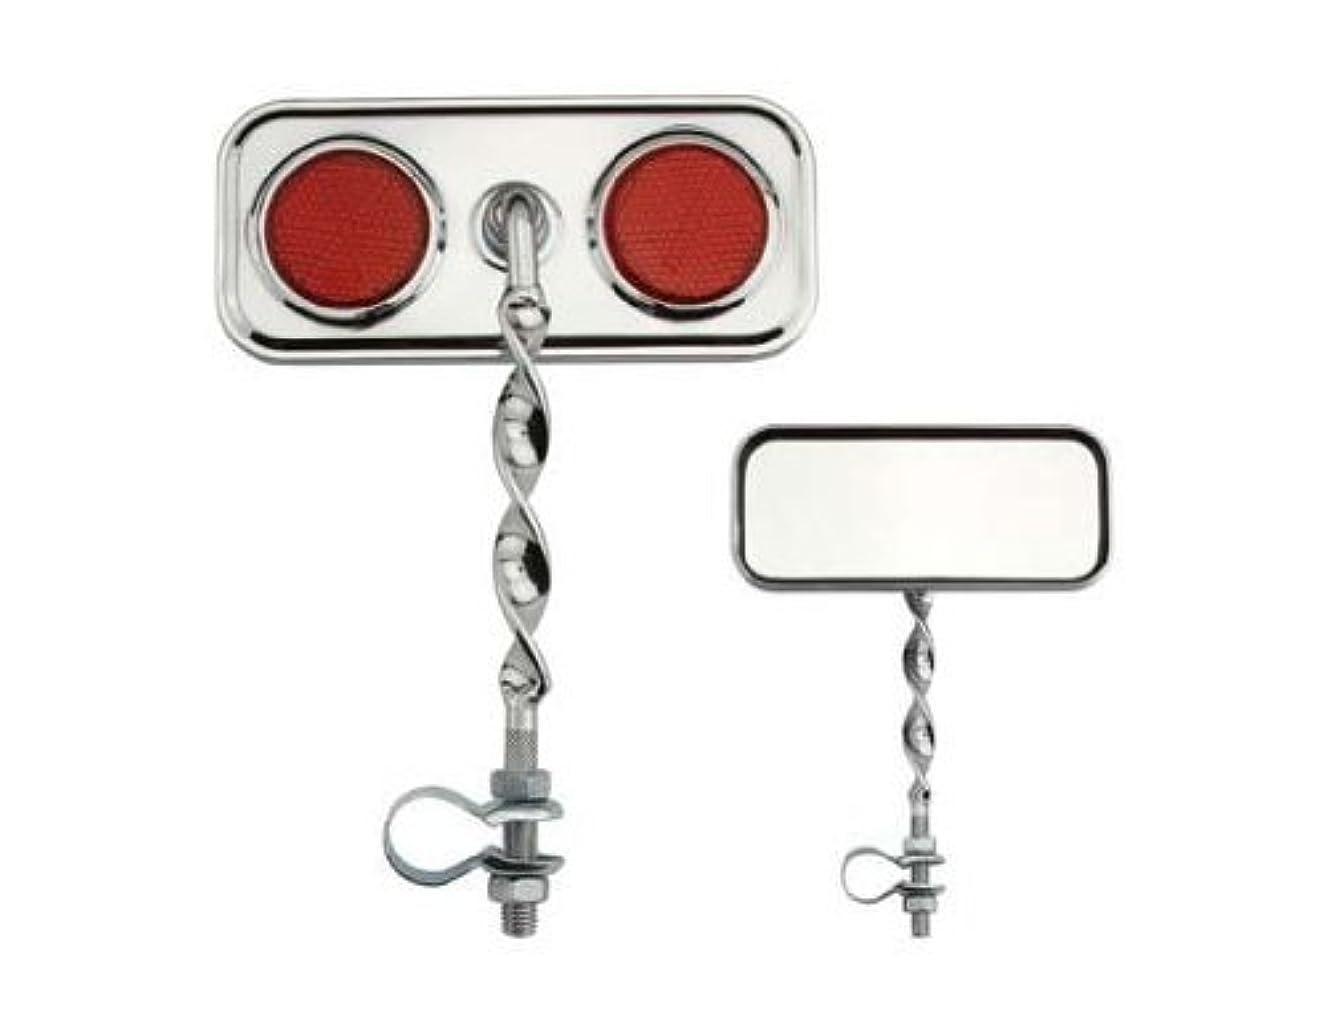 サーフィン音節裁量Rectangle Flat Twisted Mirror Red Reflectors. Bike mirror, bicycle mirror for lowrider , beach cruiser, chopper, limo, stretch bike, bmx, track, fixie, mountain bikes by Lowrider